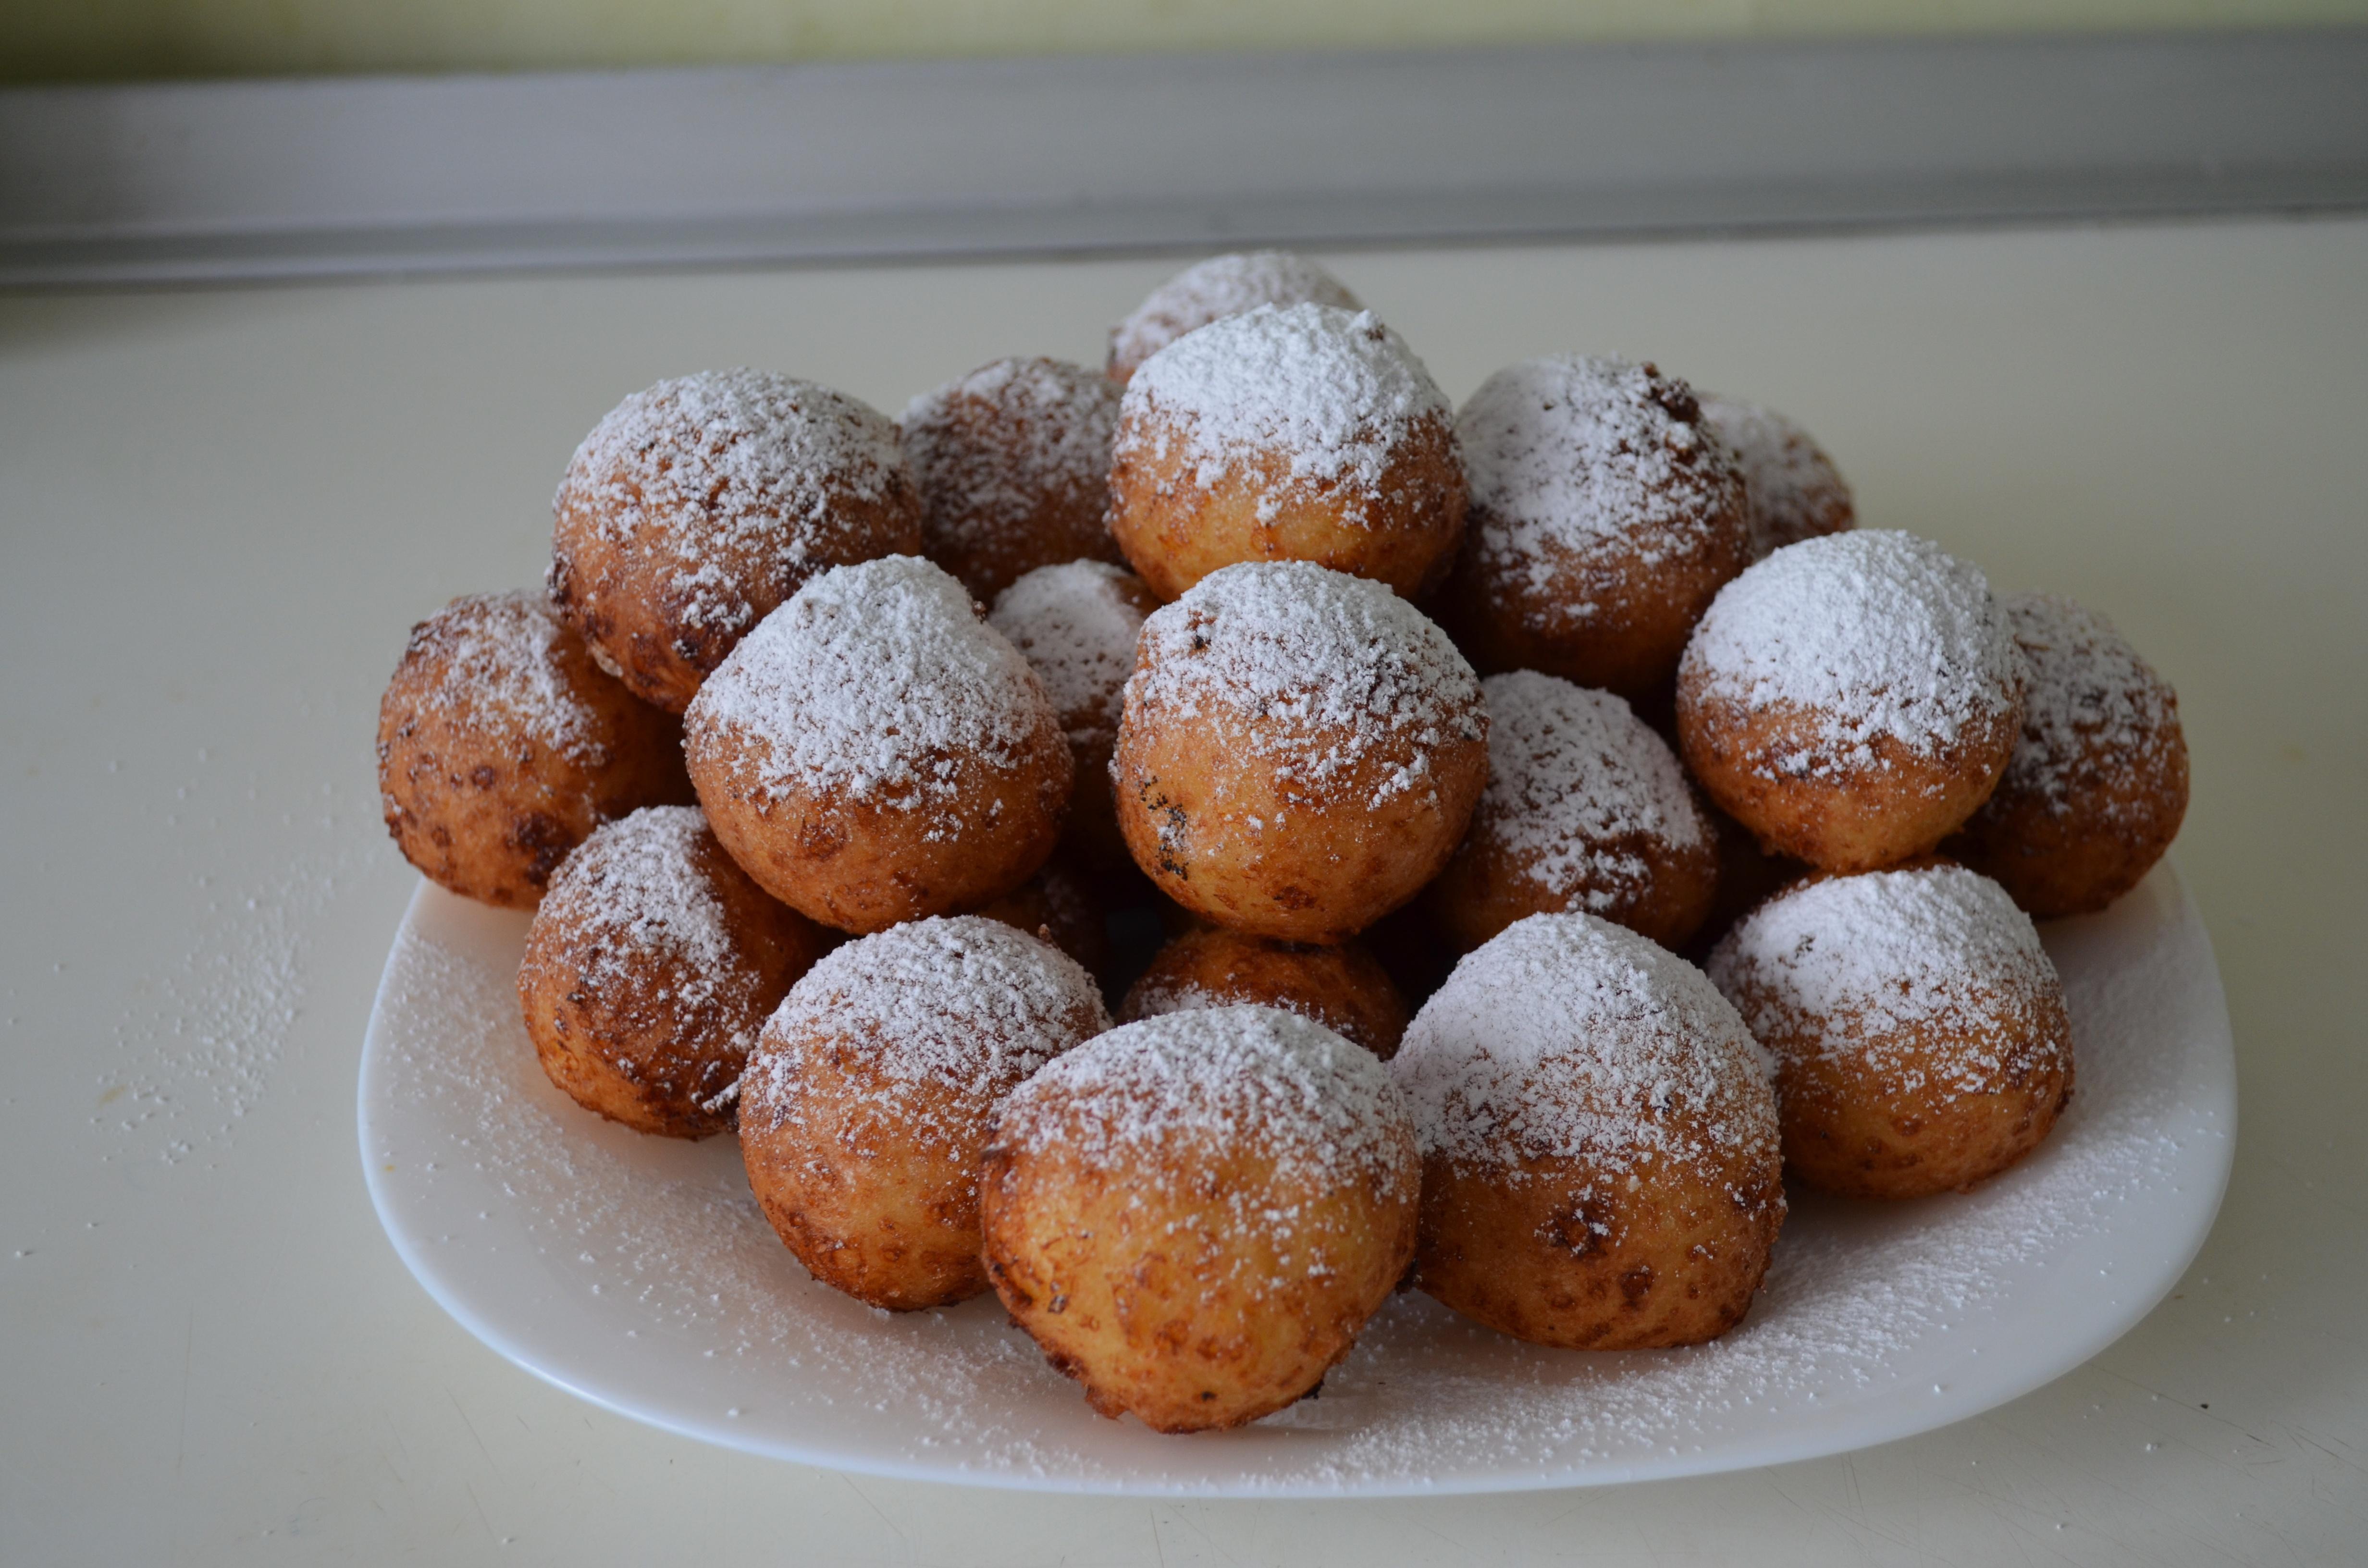 Пончики дрожжевые творожные рецепт классический пошаговый рецепт с